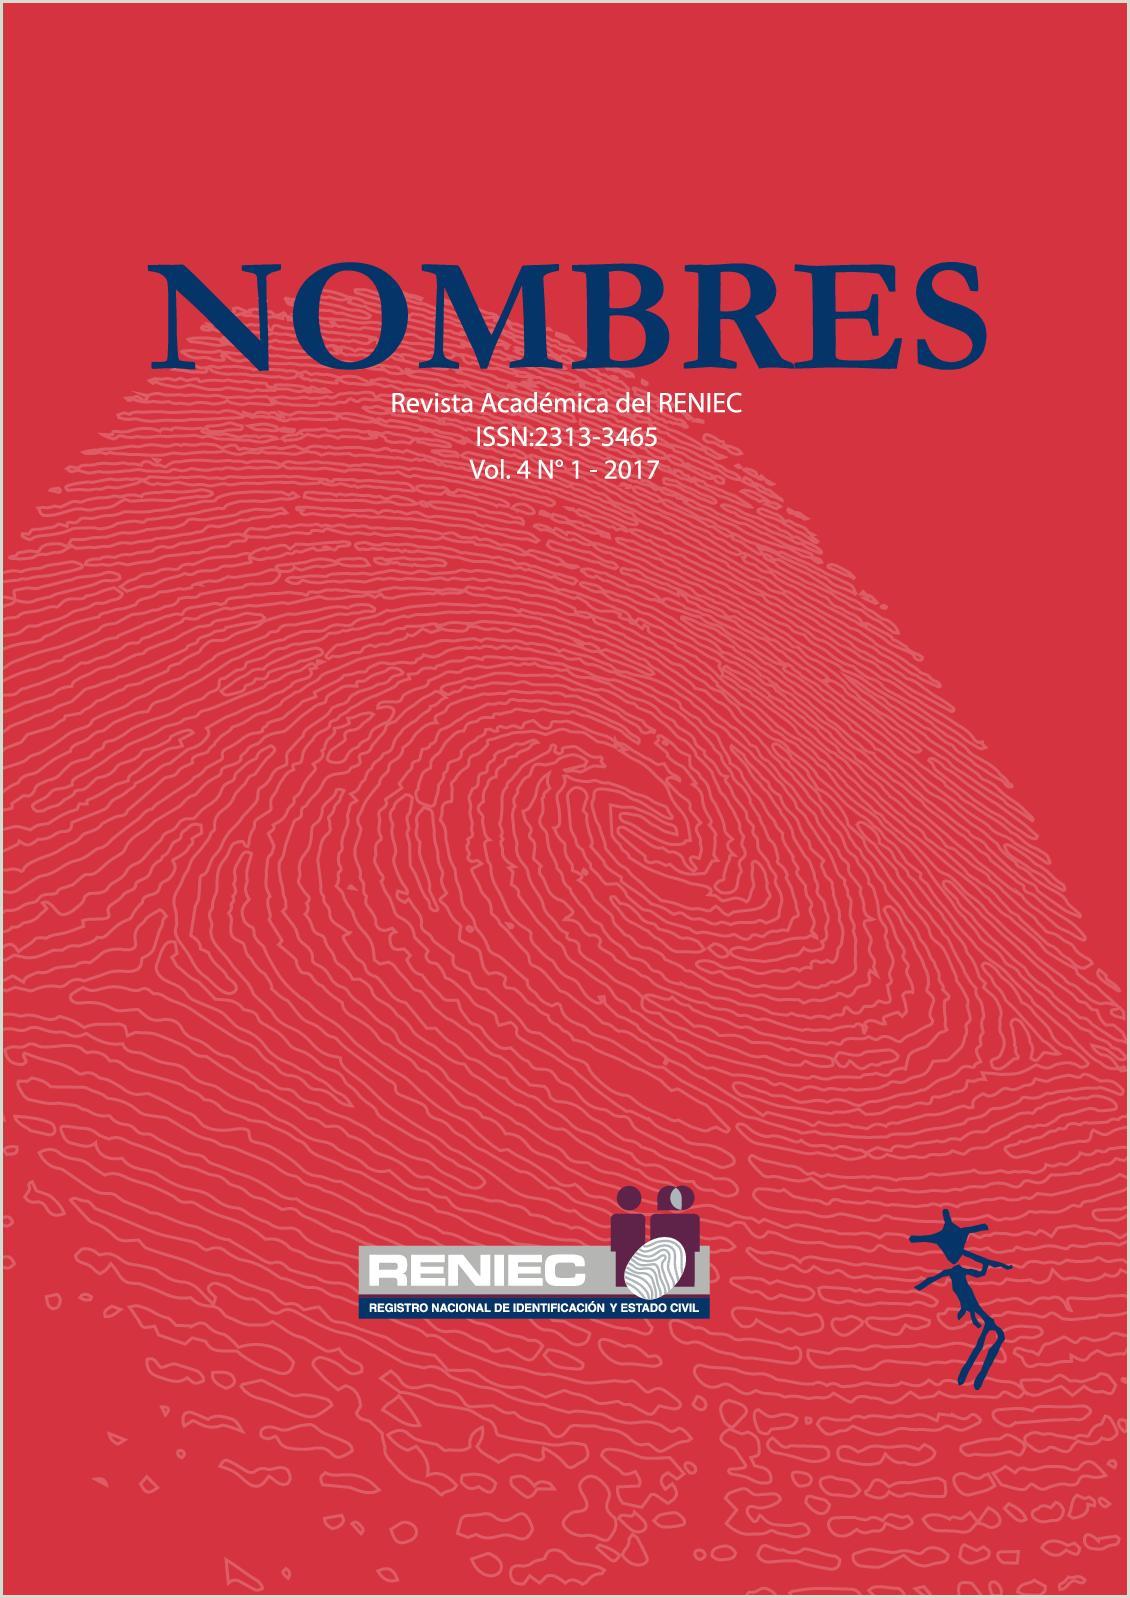 Formato Unico De Hoja De Vida Jne 2018 Calaméo Revista Académica Nombres Iv